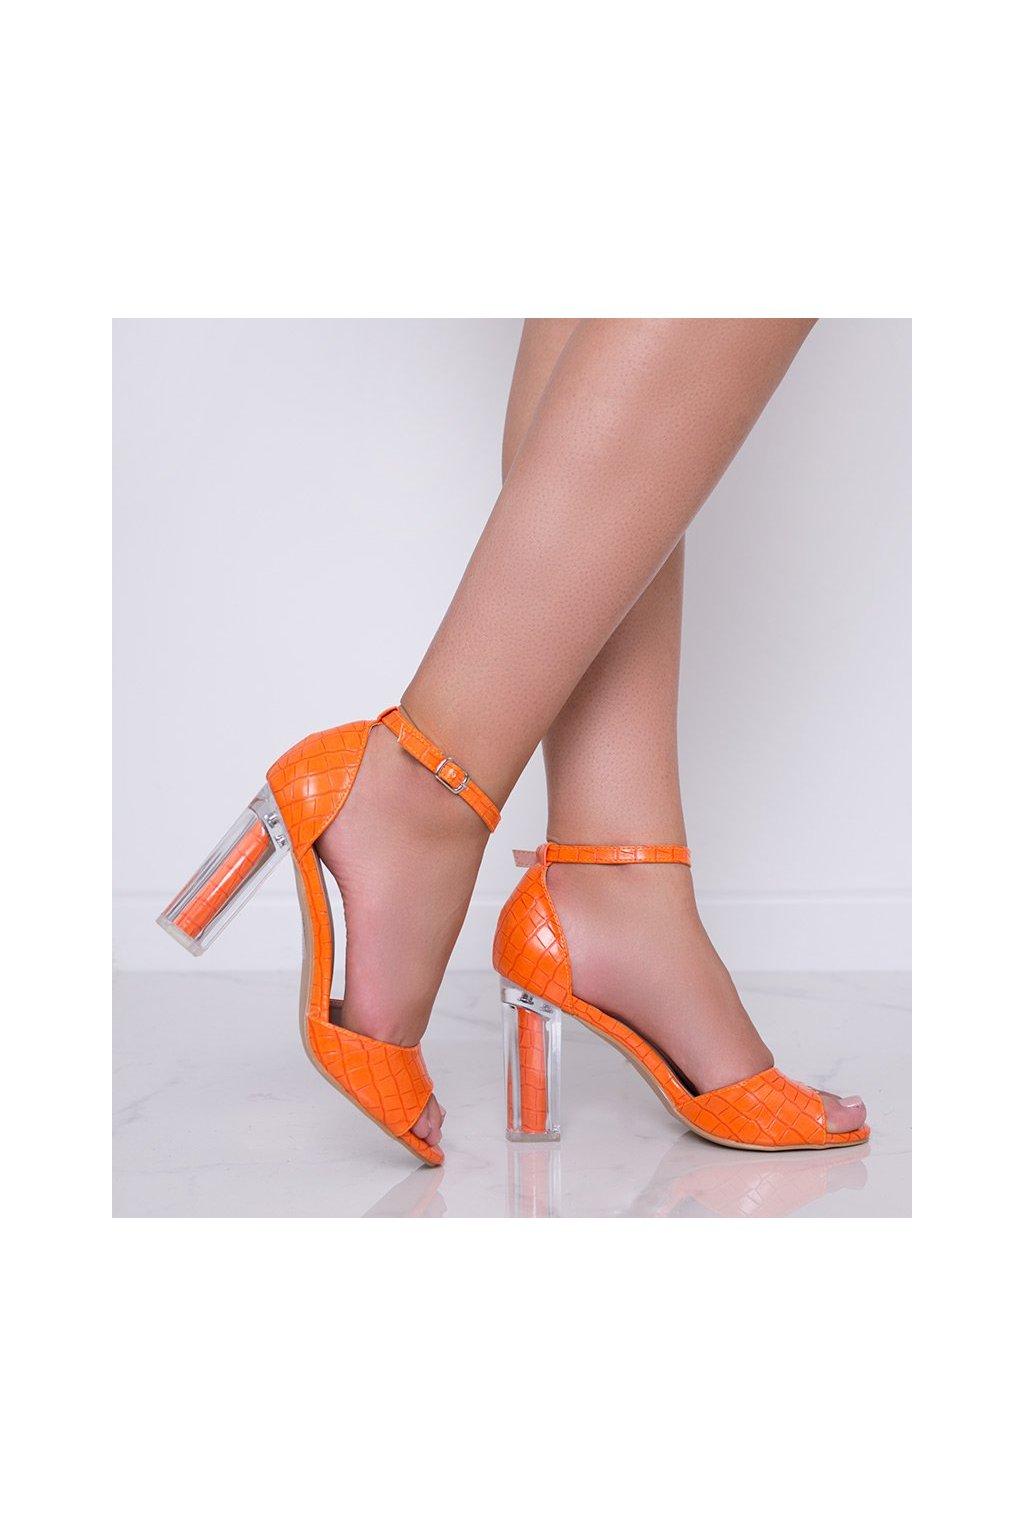 Dámske topánky lodičky oranžové kód S-869 - GM